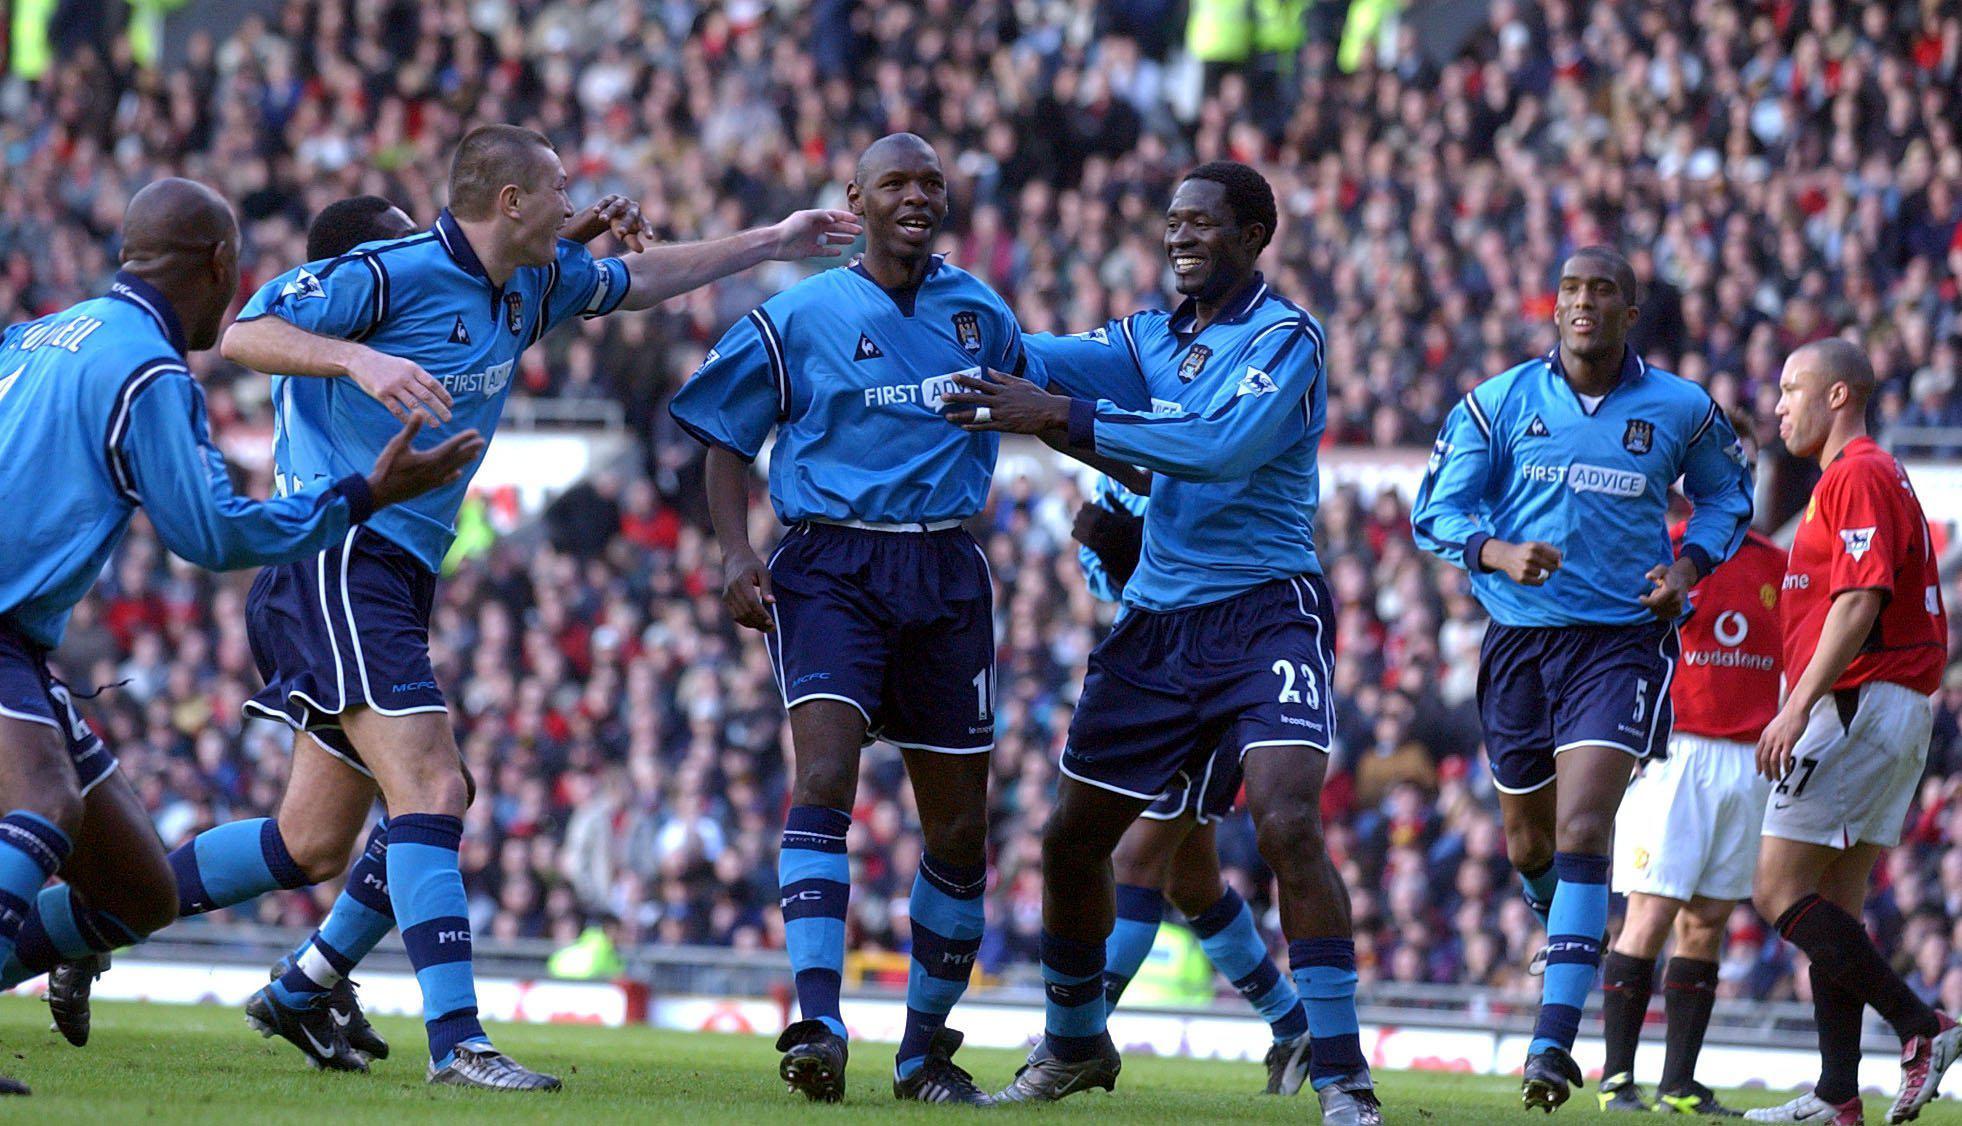 Goater celebrates scoring in 2002